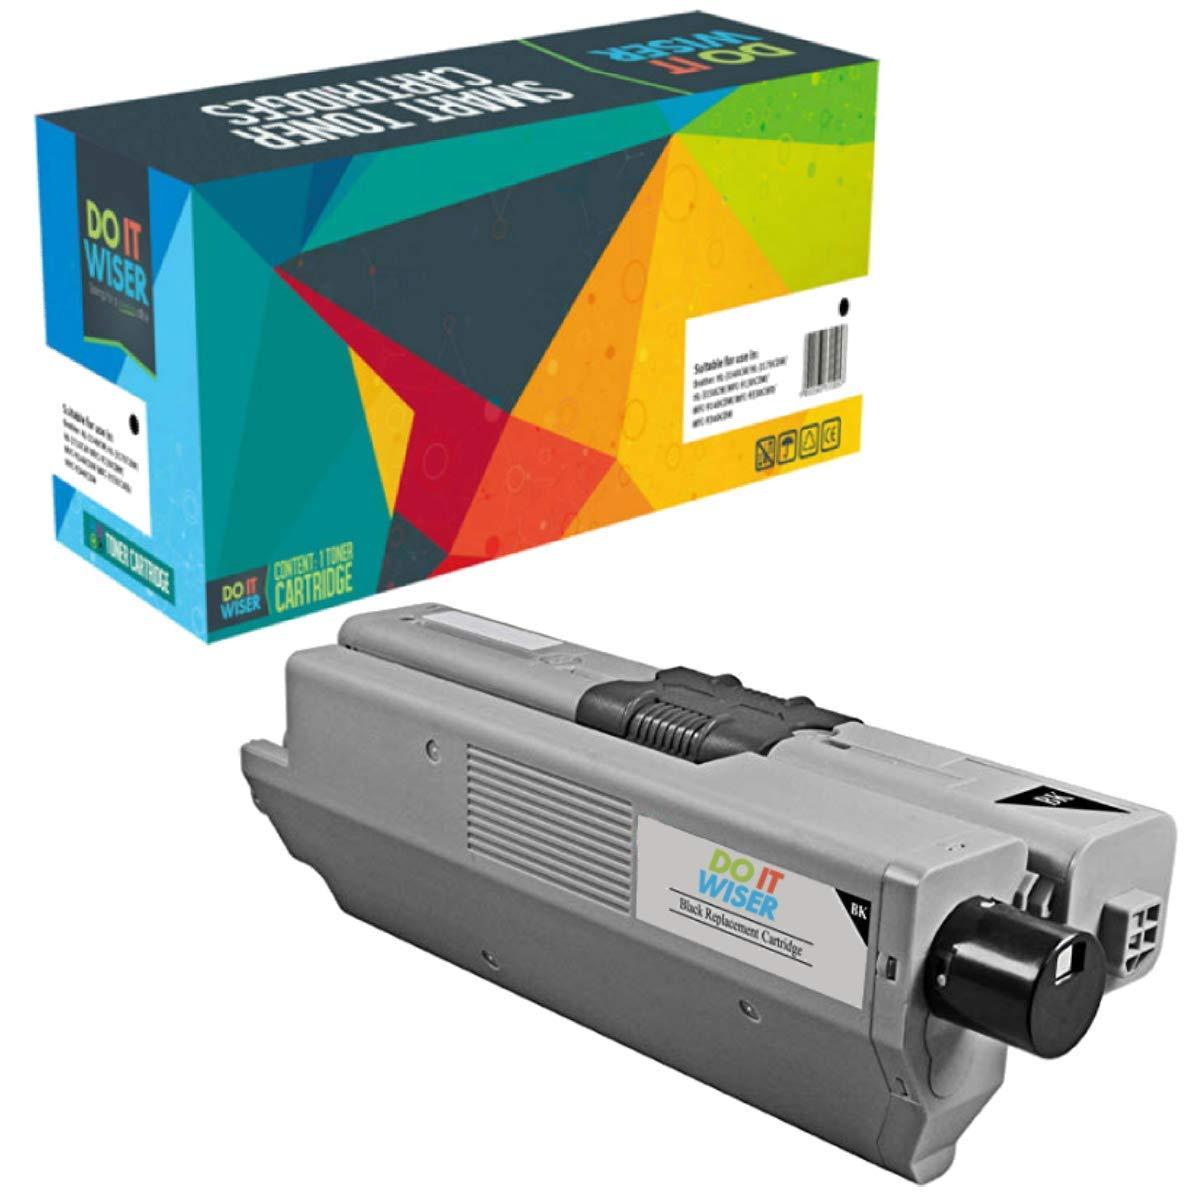 Compatibles pour Oki C510DN C511DN C530DN C531DN MC561DN MC562DN MC562DNW MC562W Do it Wiser 4 Cartouches de Toner 5,000 Pages